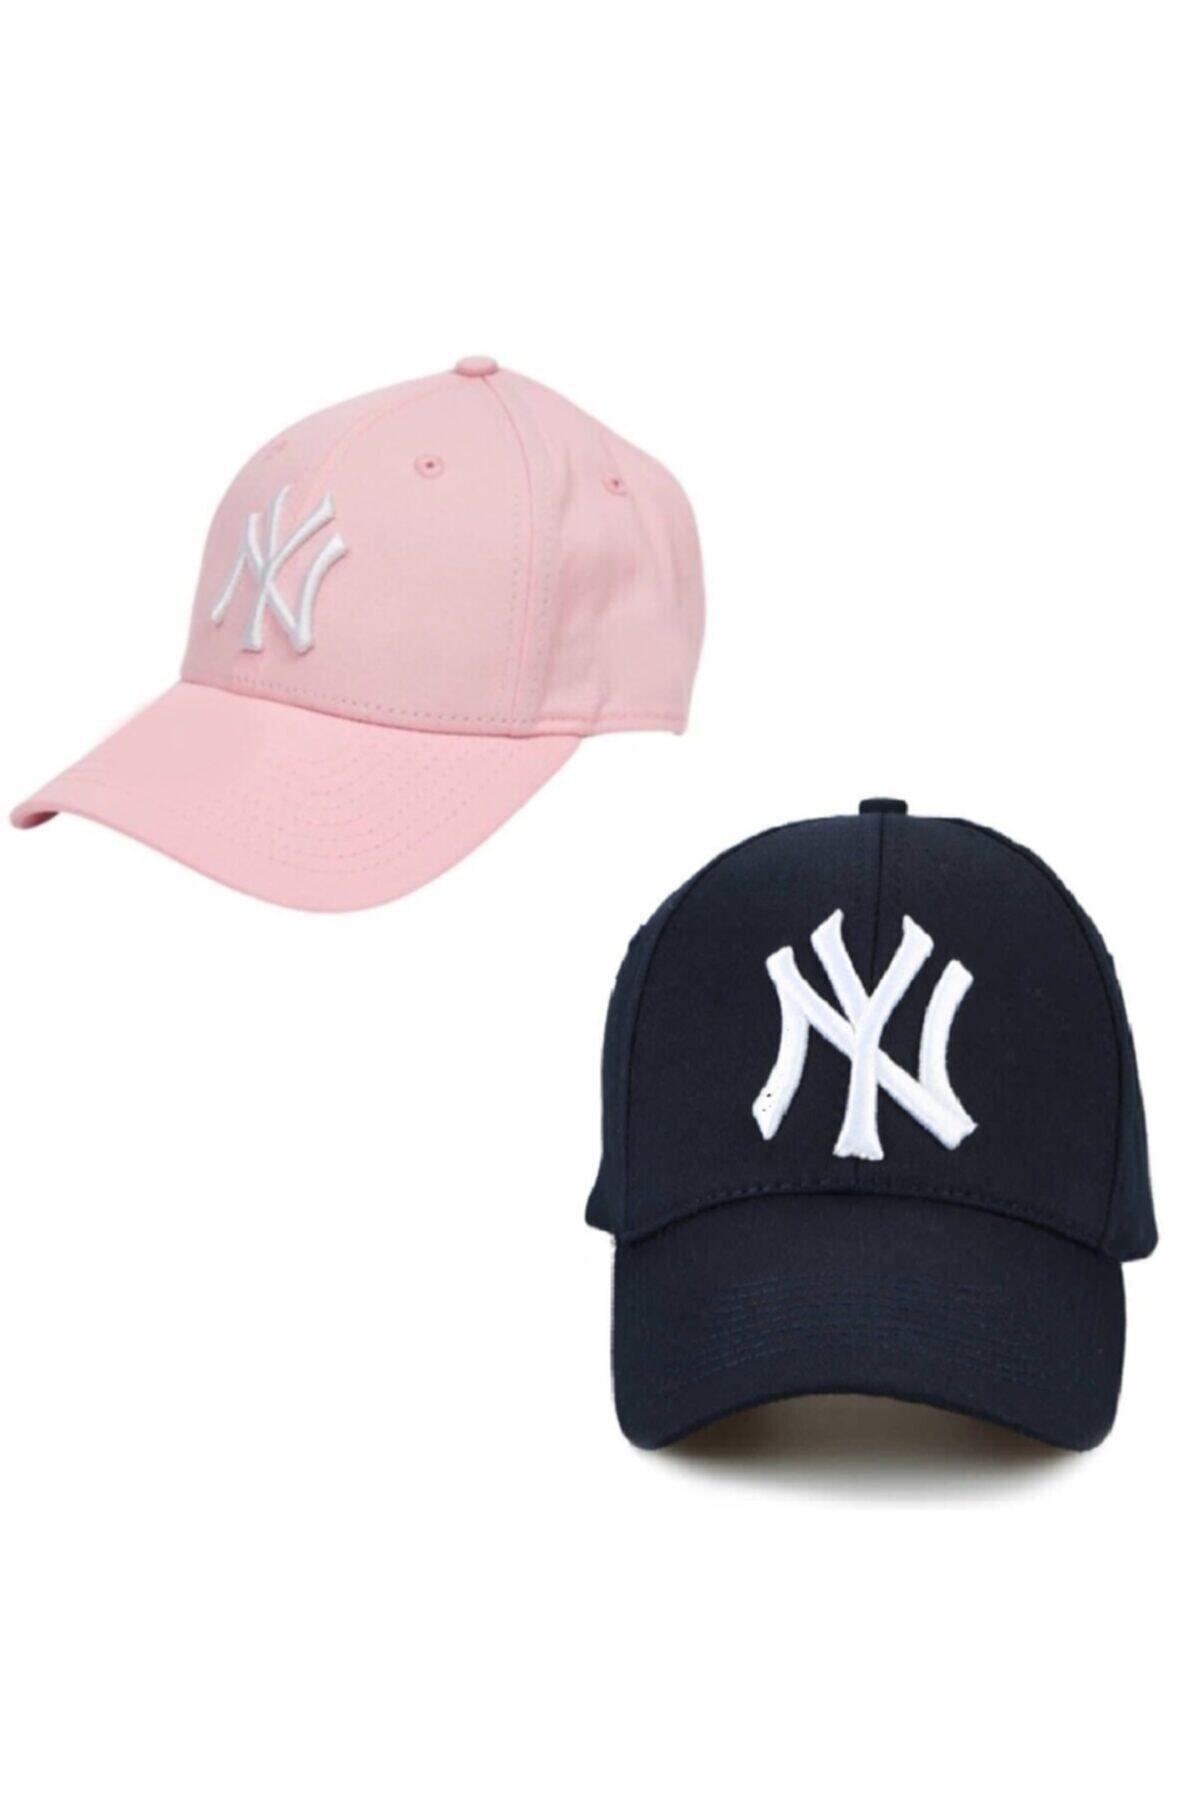 کلاه زنانه ترک جدید برند NY Trend رنگ صورتی ty107366209